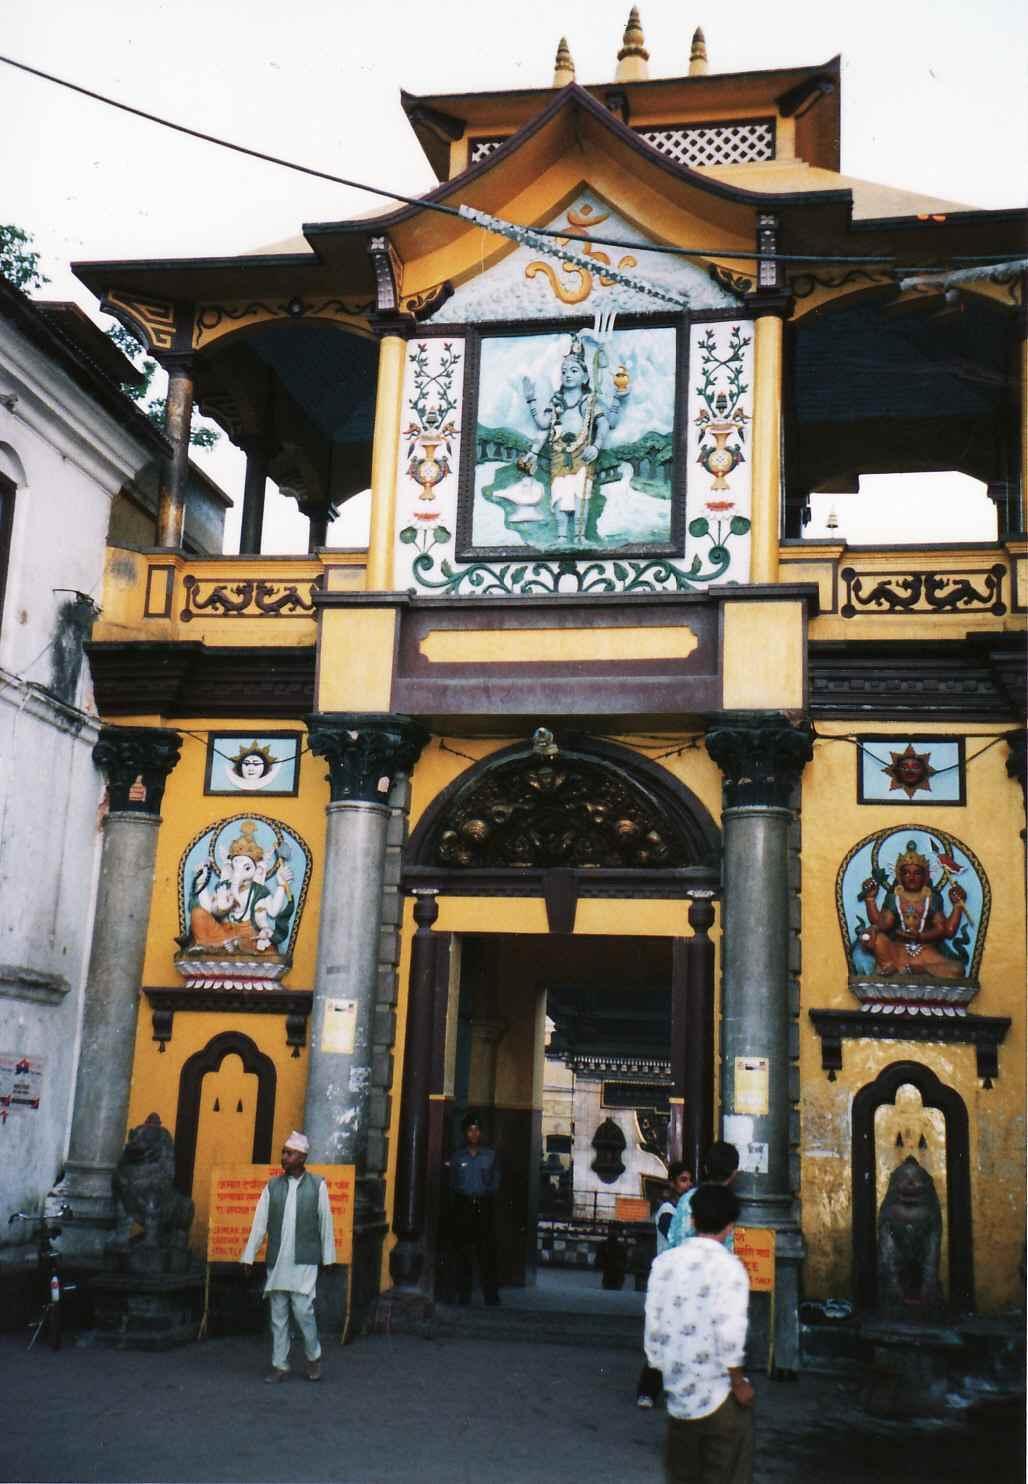 ネパール旅行③ カトマンズとパタン、エベレスト遊覧飛行